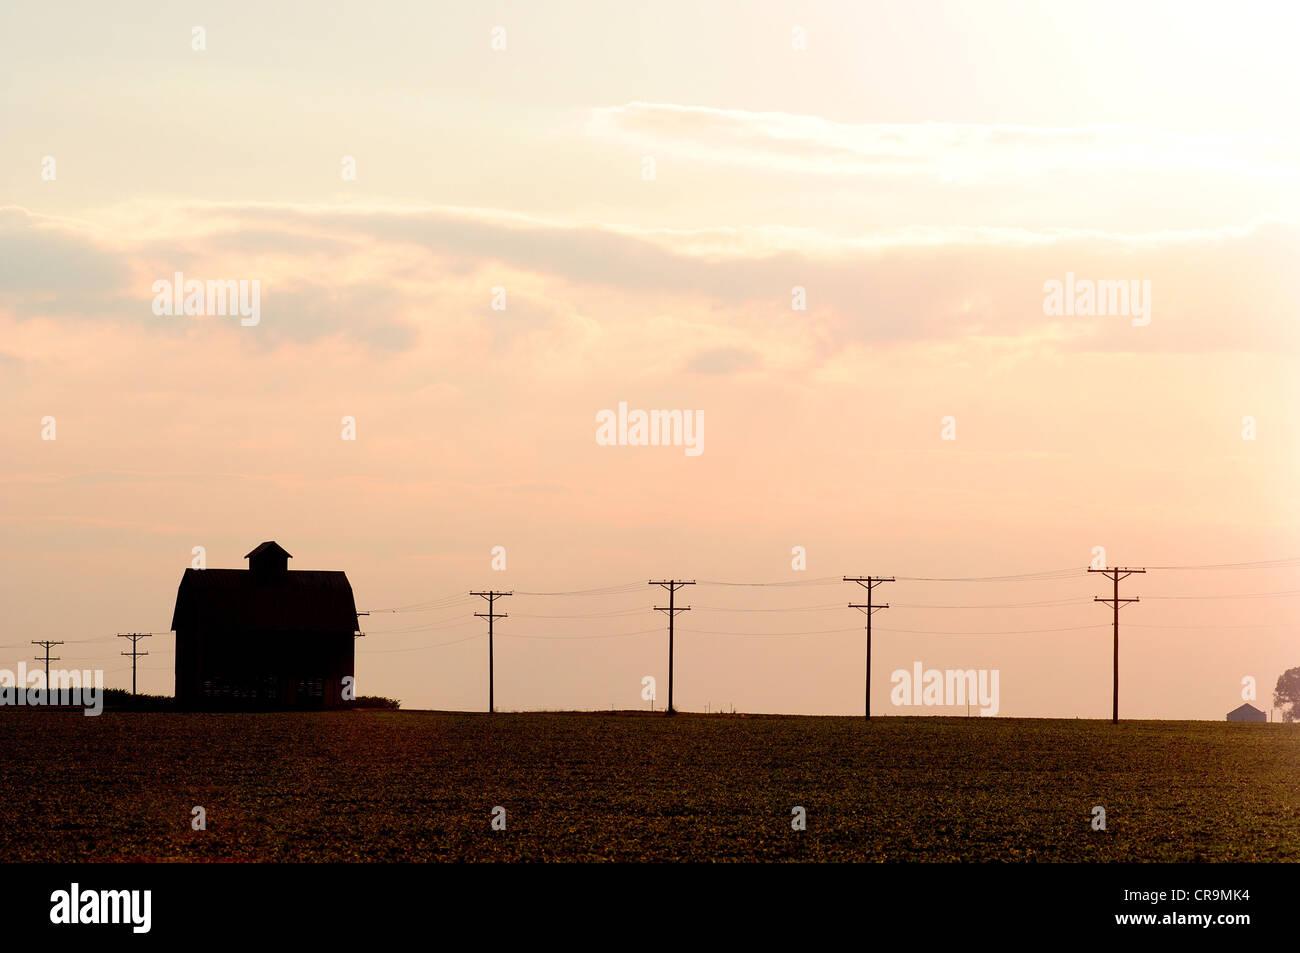 Une ancienne grange se trouve sur le bord d'un champ de soja dans l'Illinois aux États-Unis. Photo Stock